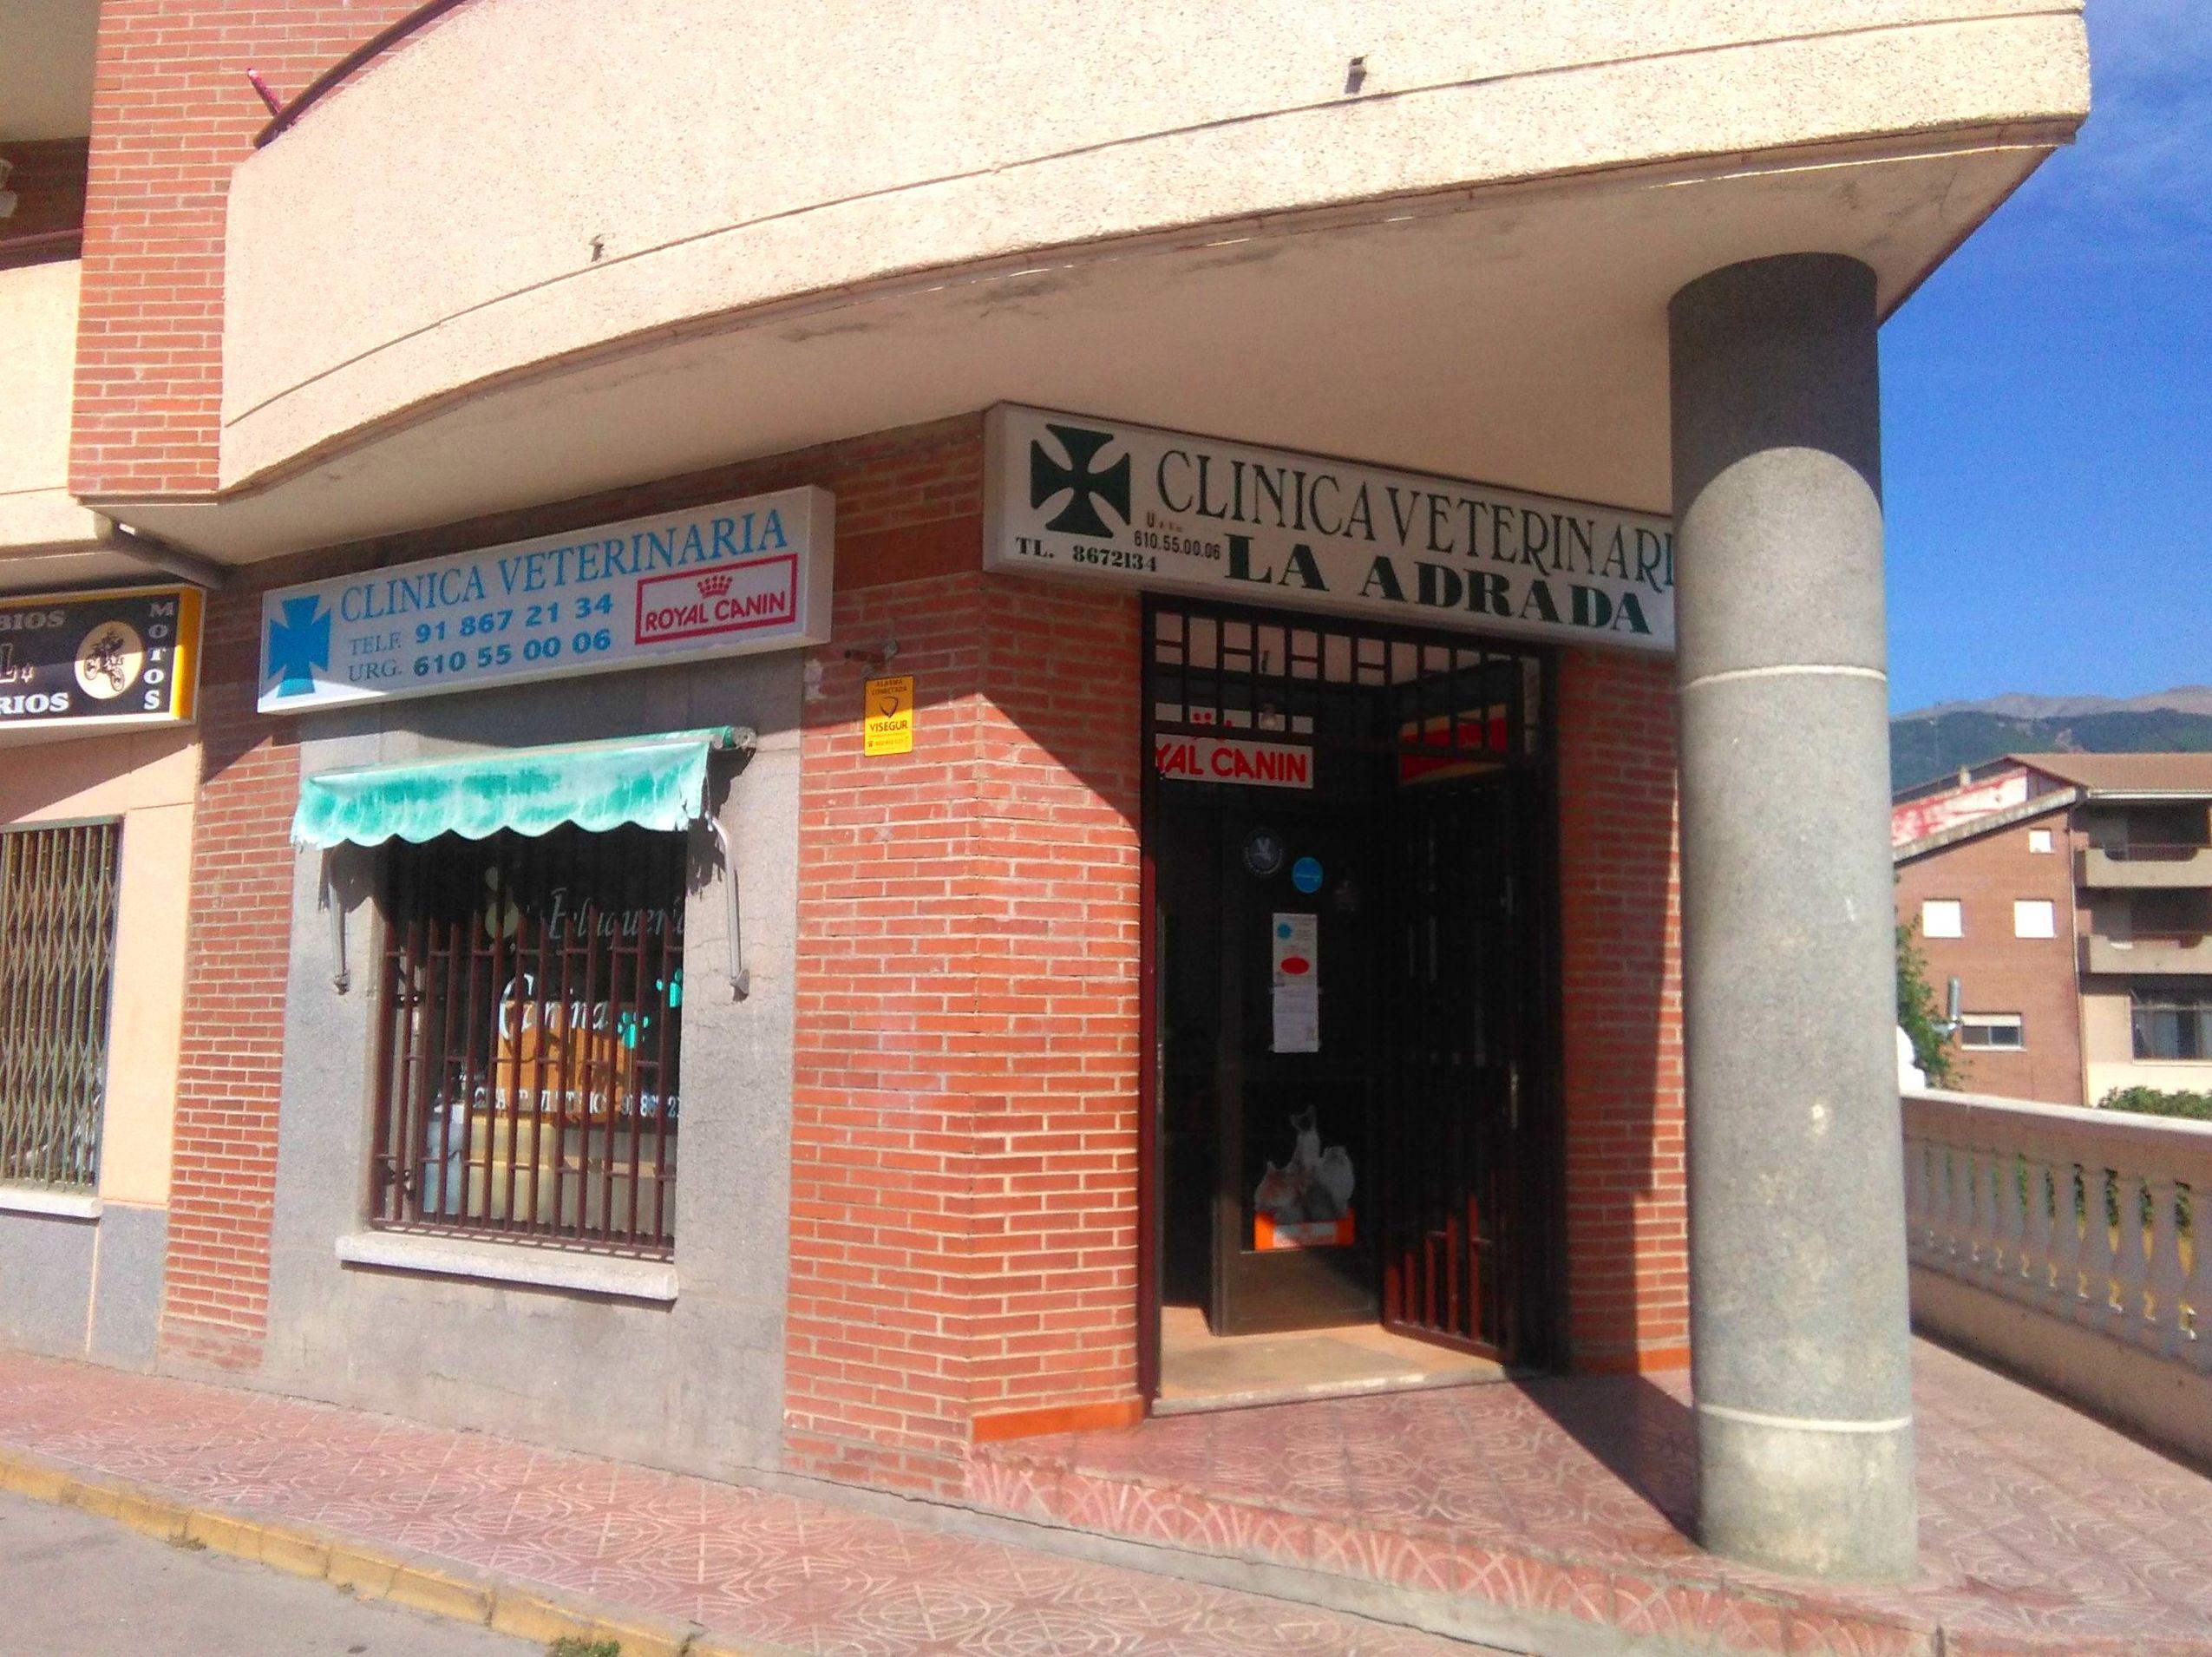 Foto 1 de Veterinarios   en La Adrada | Clínica Veterinaria La Adrada